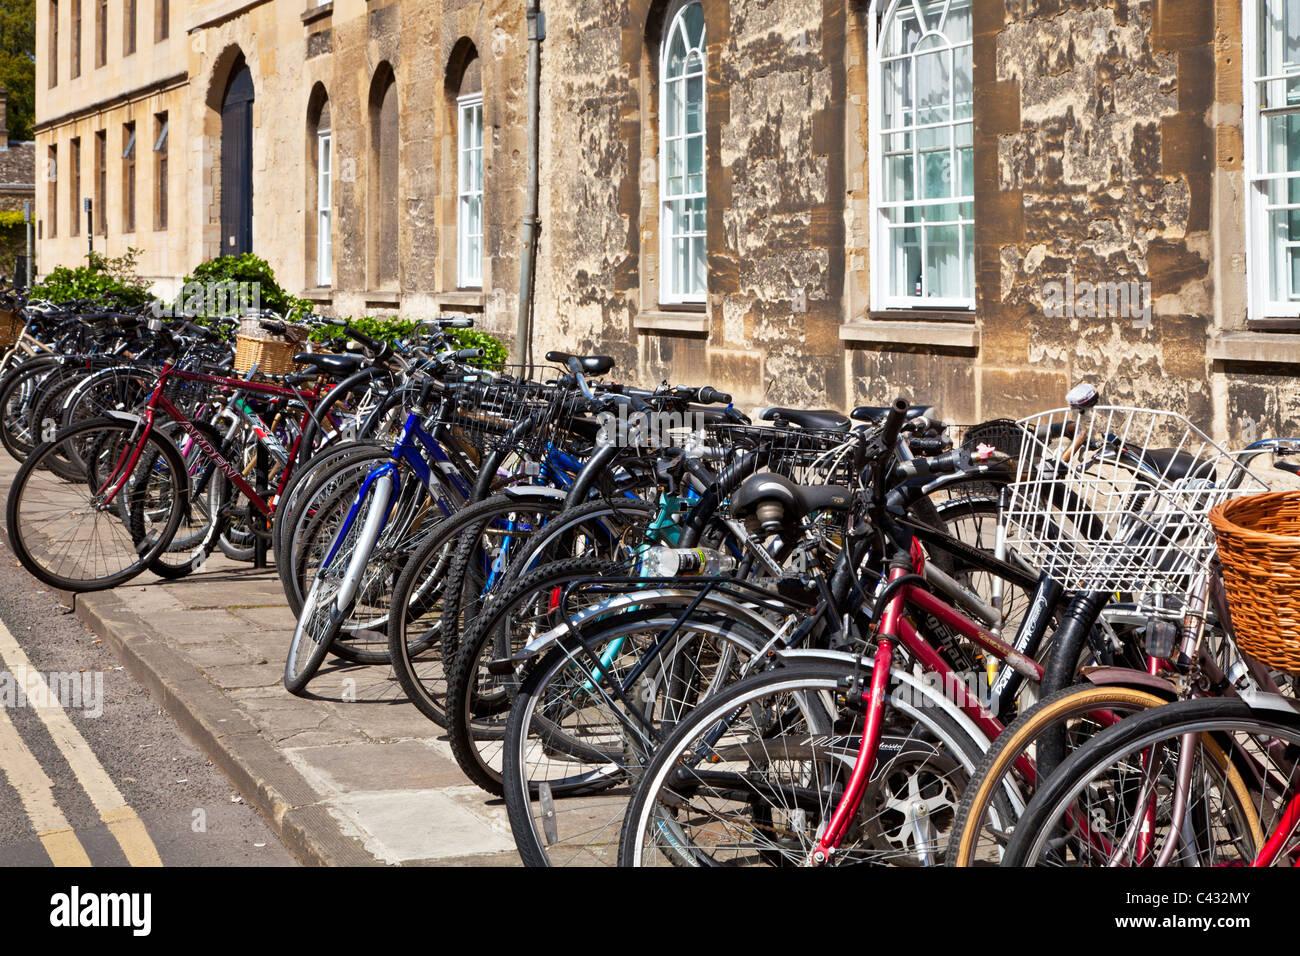 Les bicyclettes contre un mur dans les parcs Road, Oxford, Oxfordshire, Angleterre, Royaume-Uni, Grande Bretagne Photo Stock